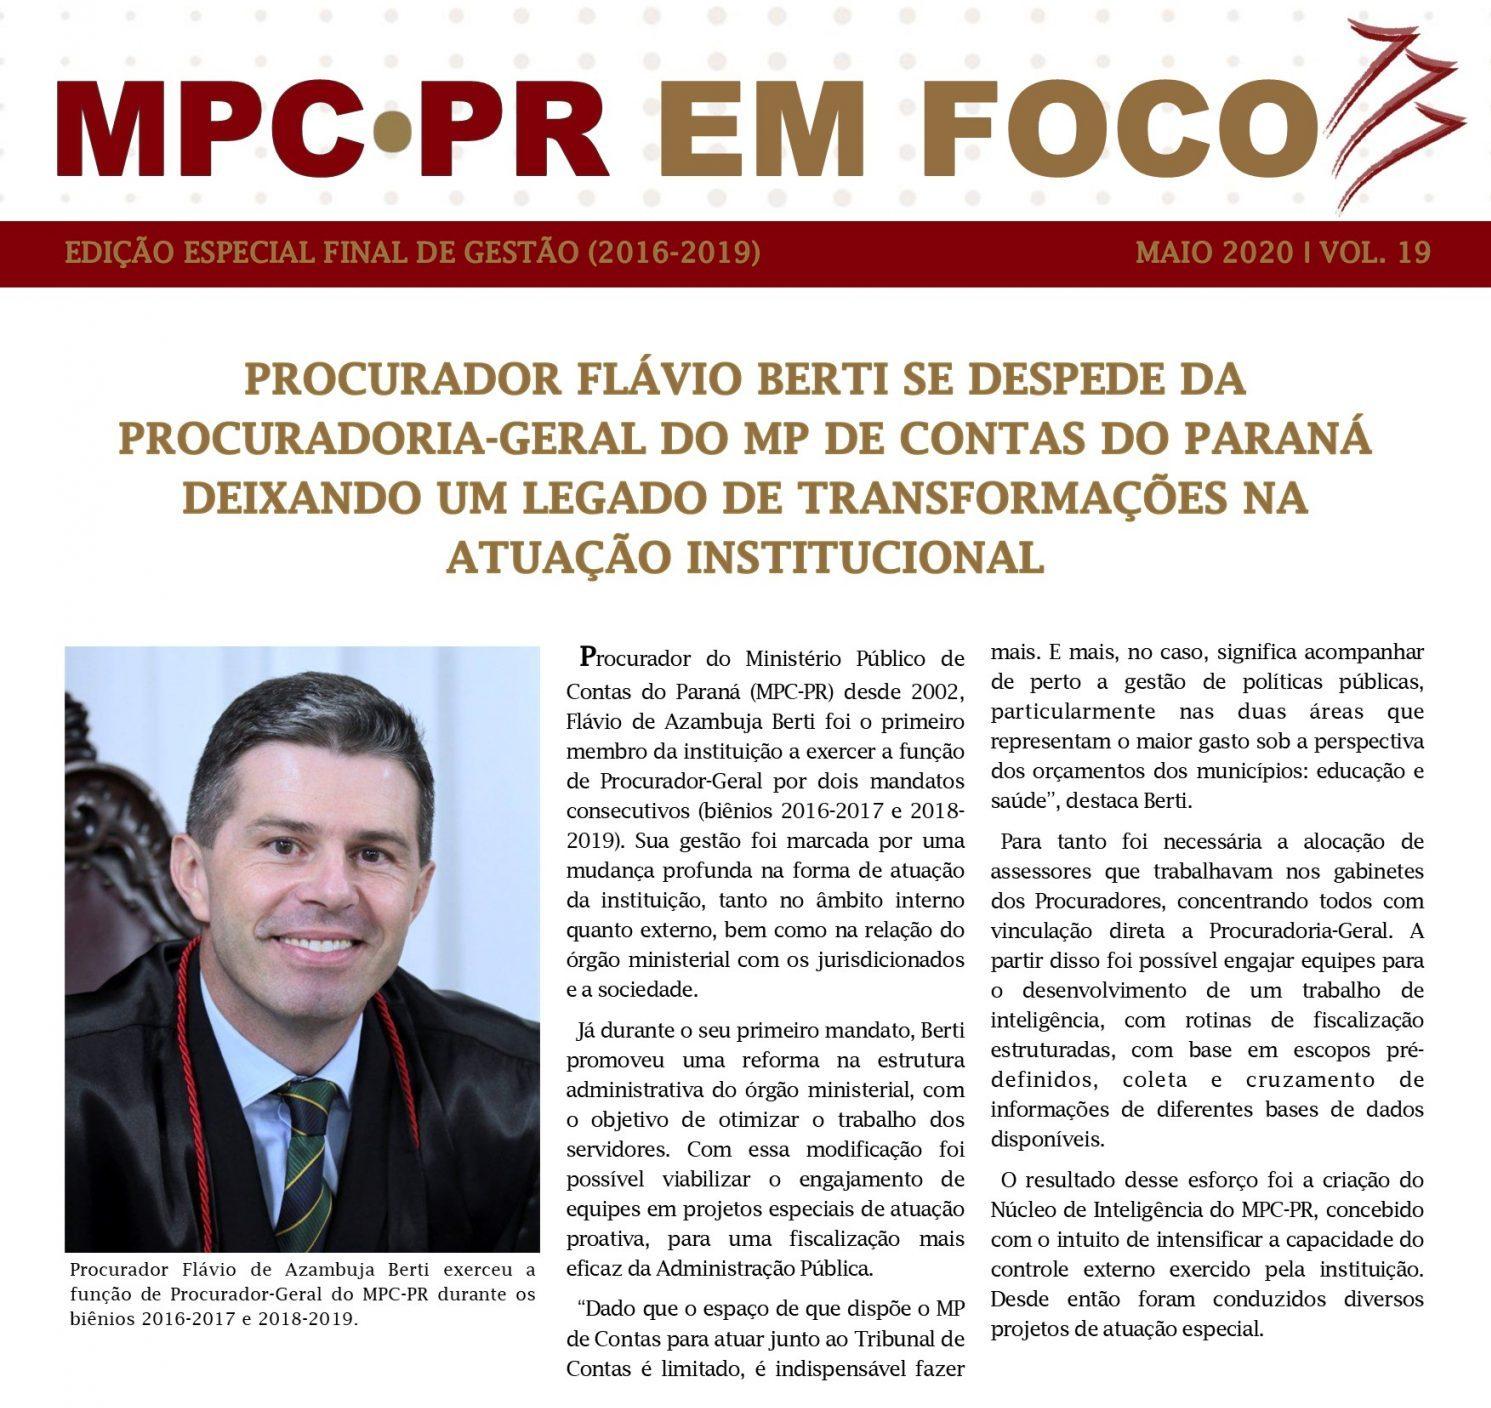 Boletim Informativo MPC-PR em Foco maio/2020